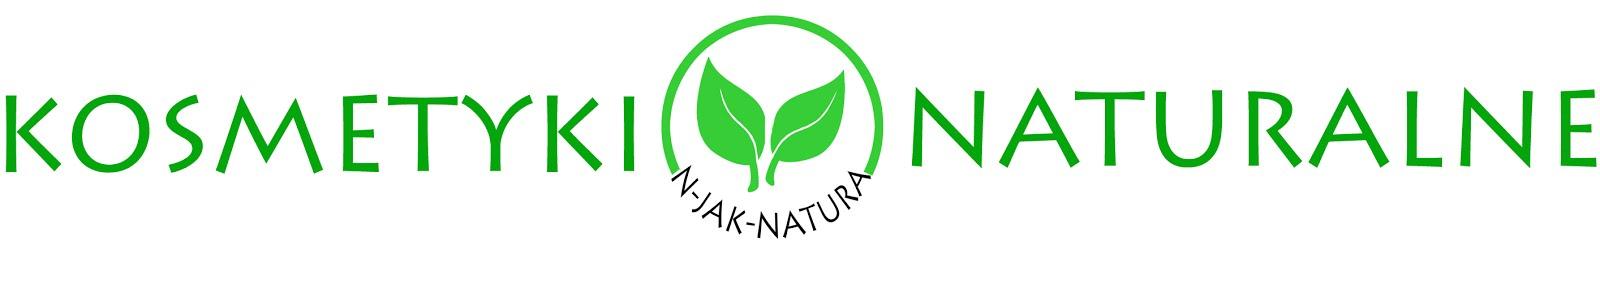 n-jak-natura